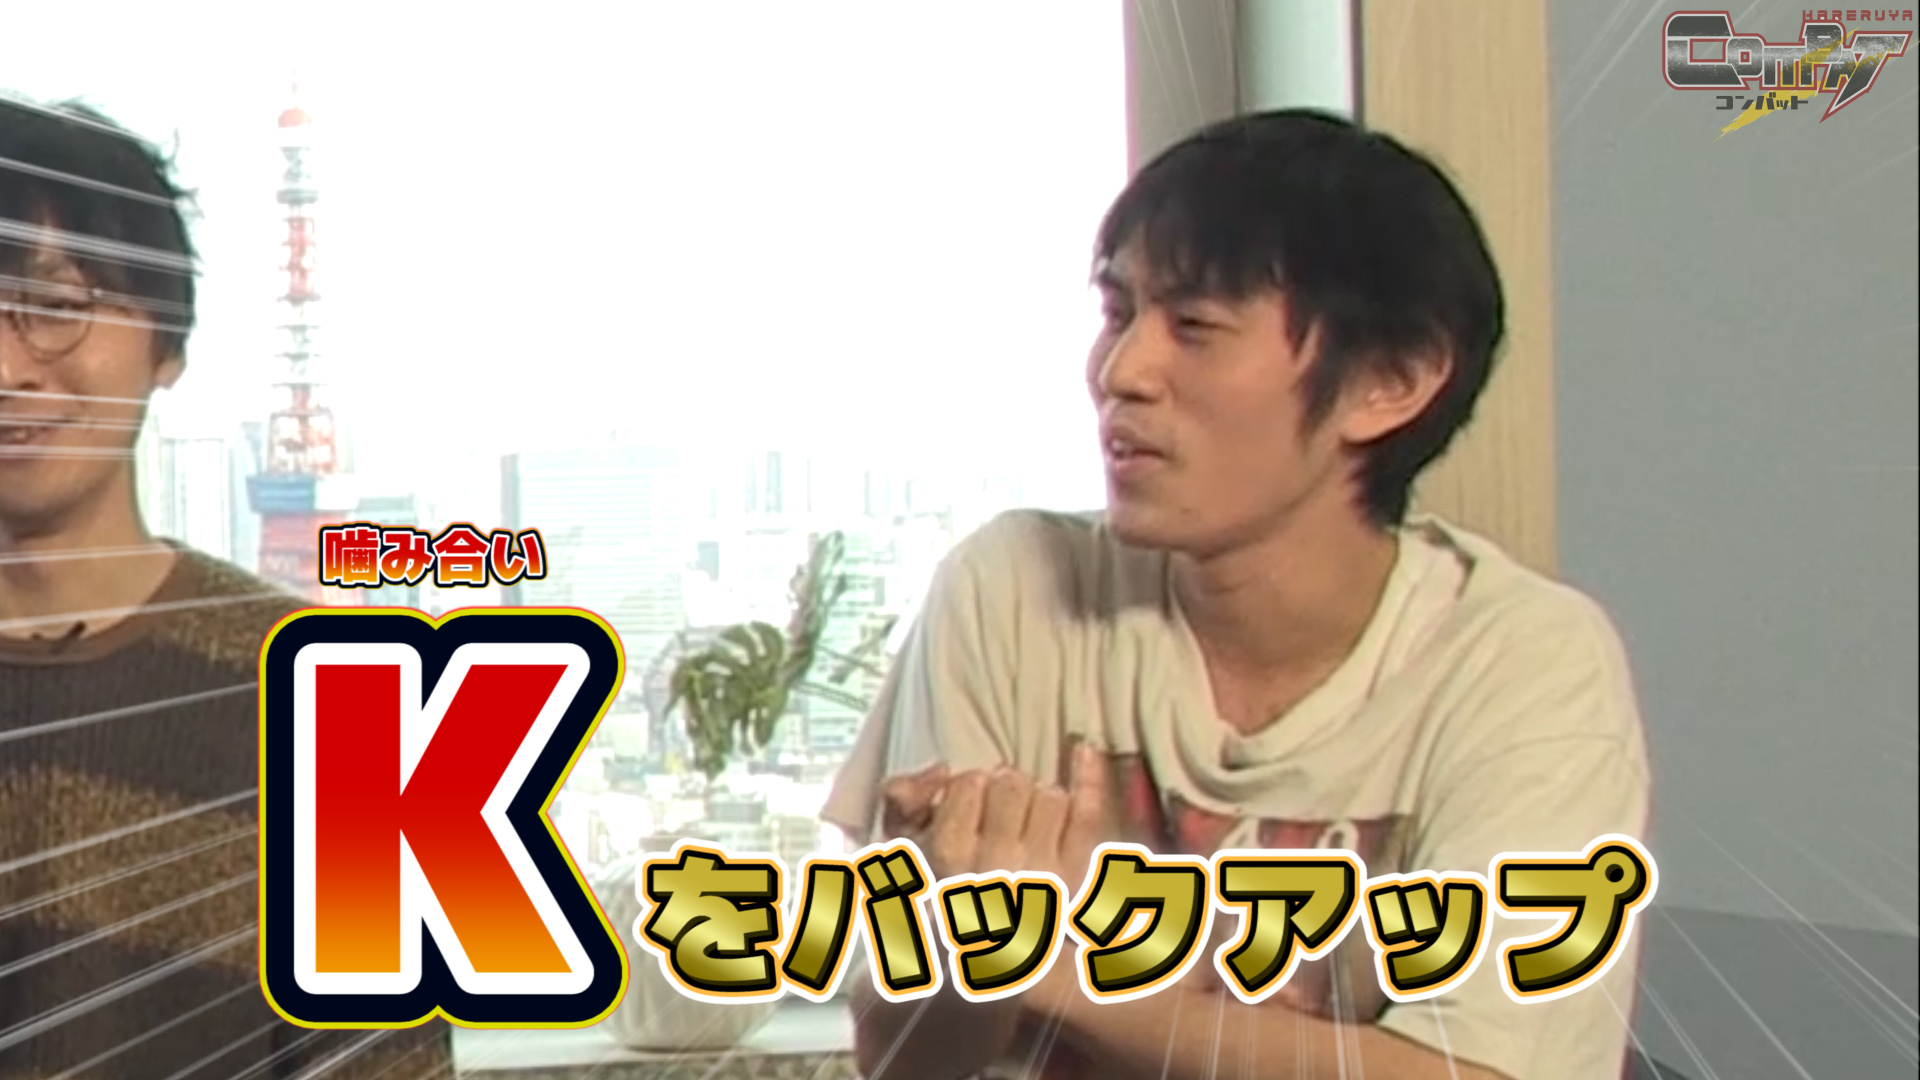 松田「Kをバックアップ」